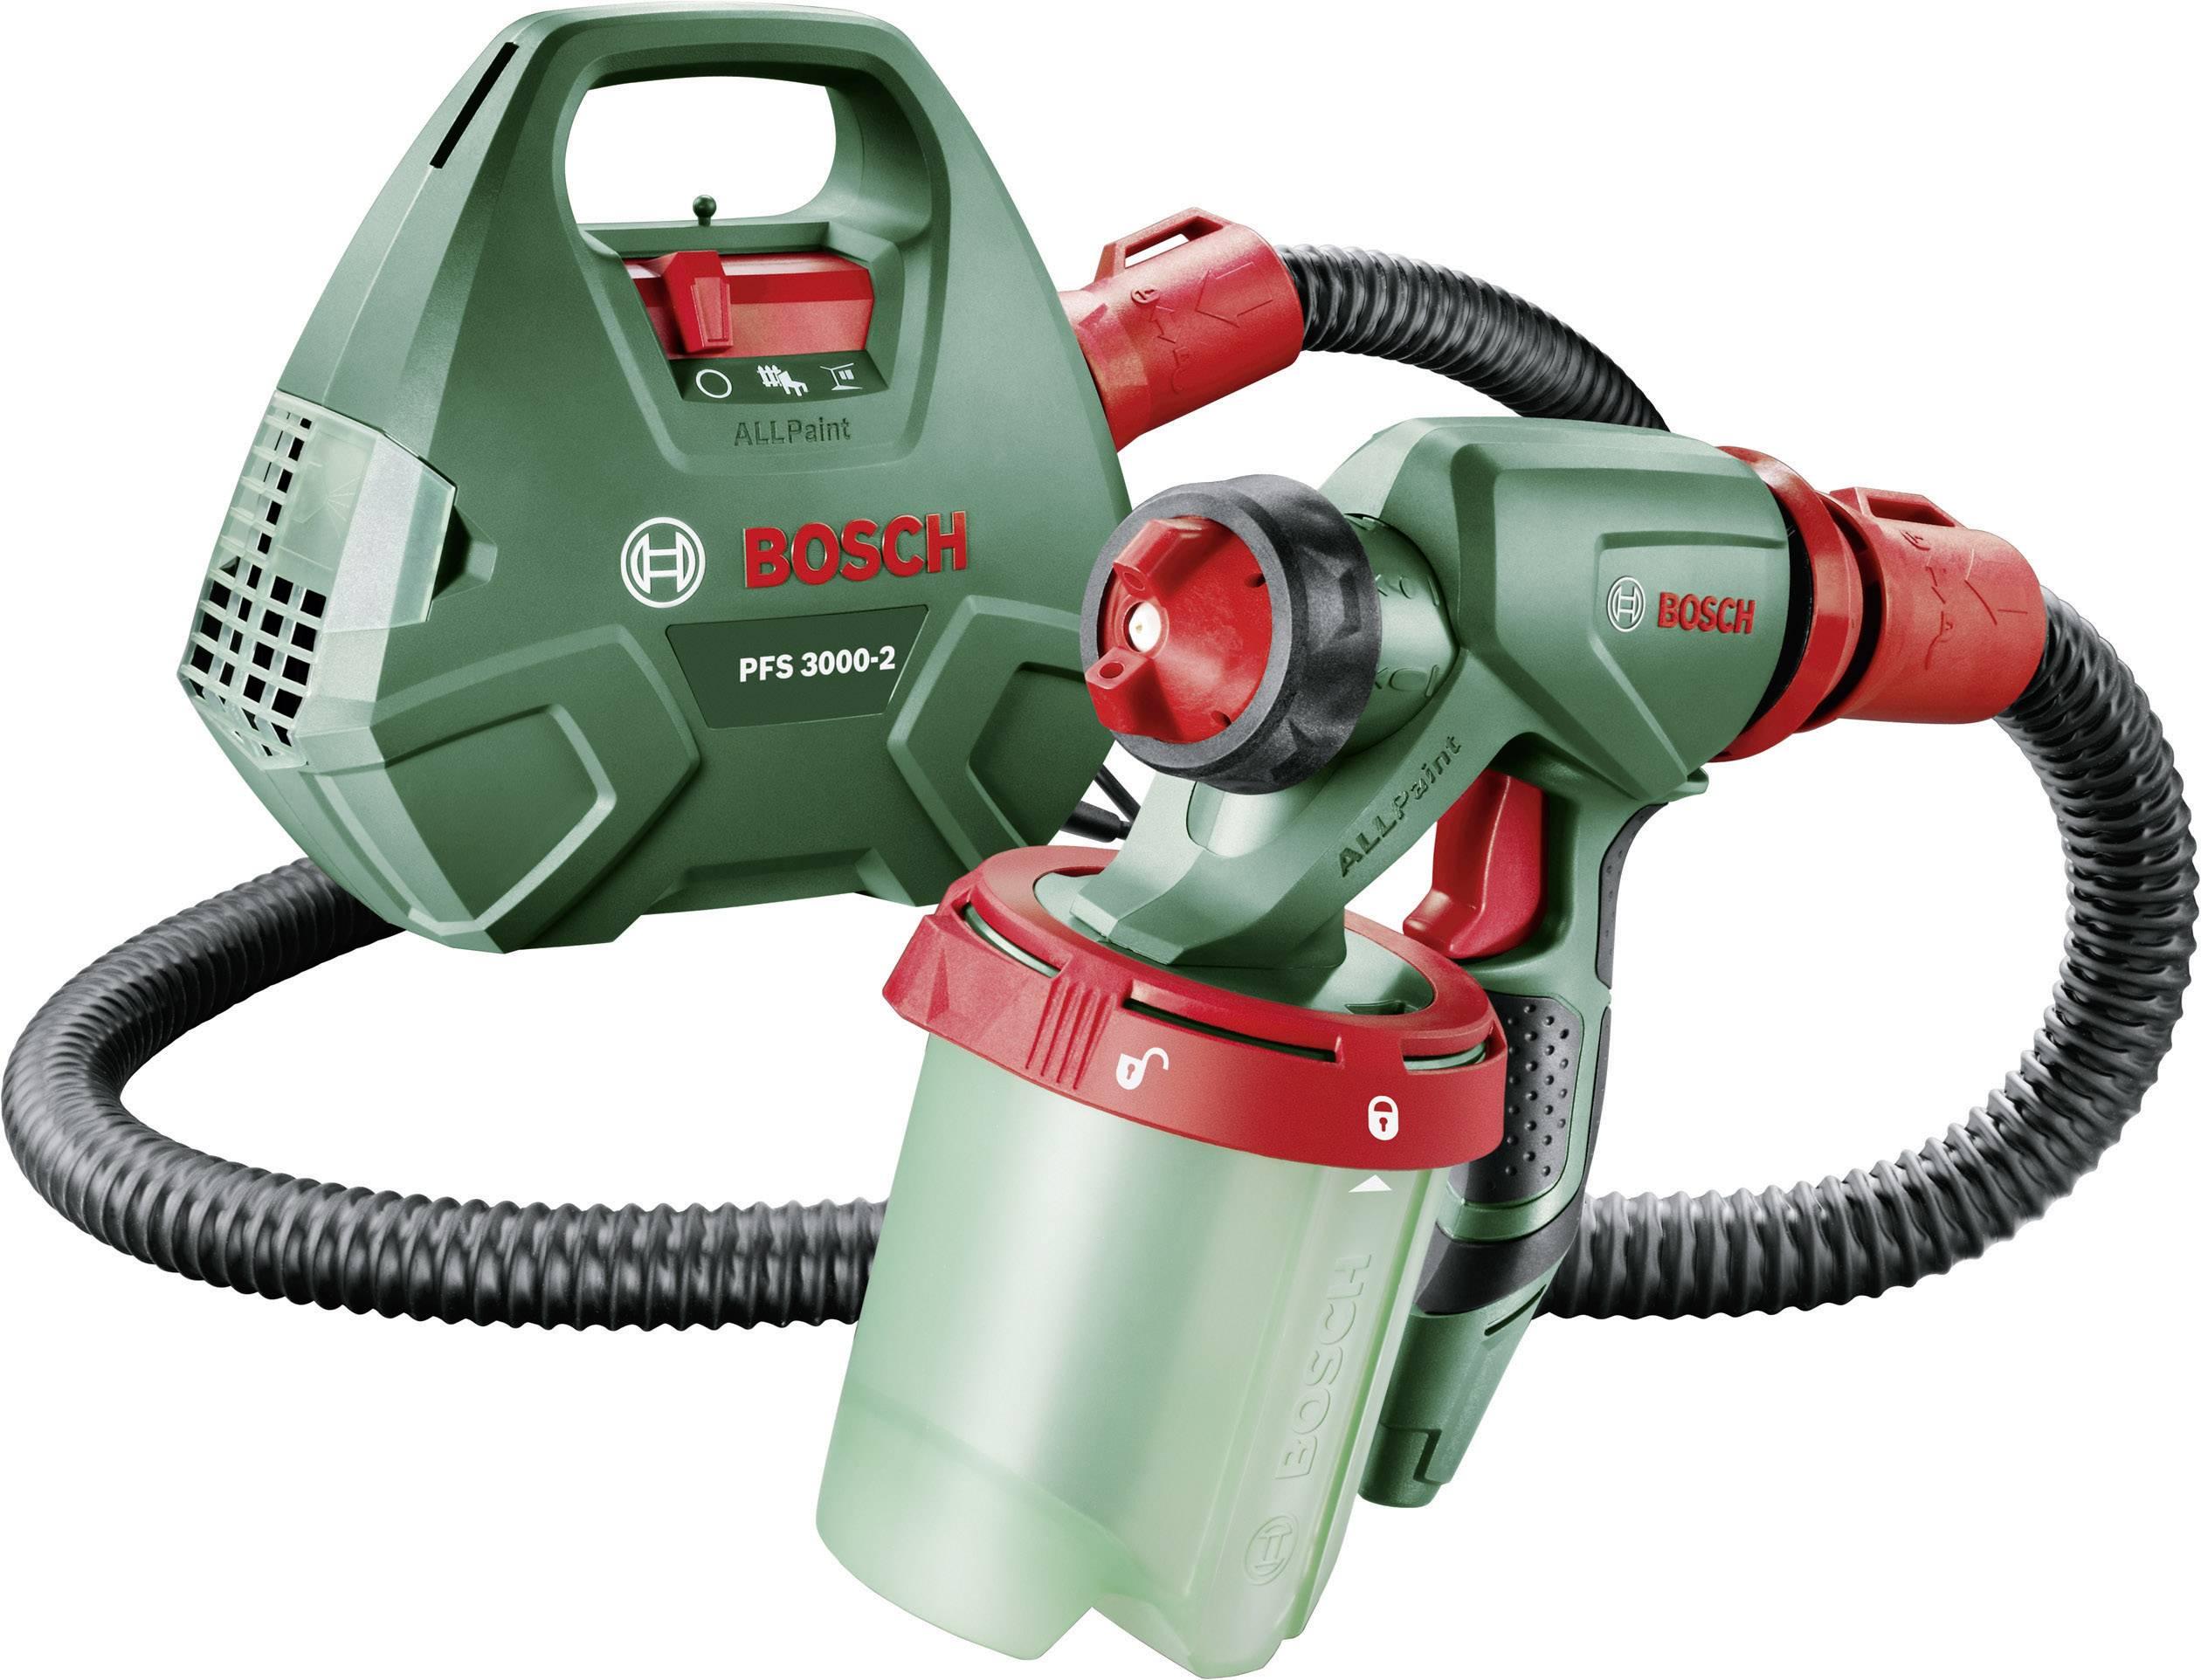 Striekacia pištoľ Bosch PFS 3000-2, 1000 ml